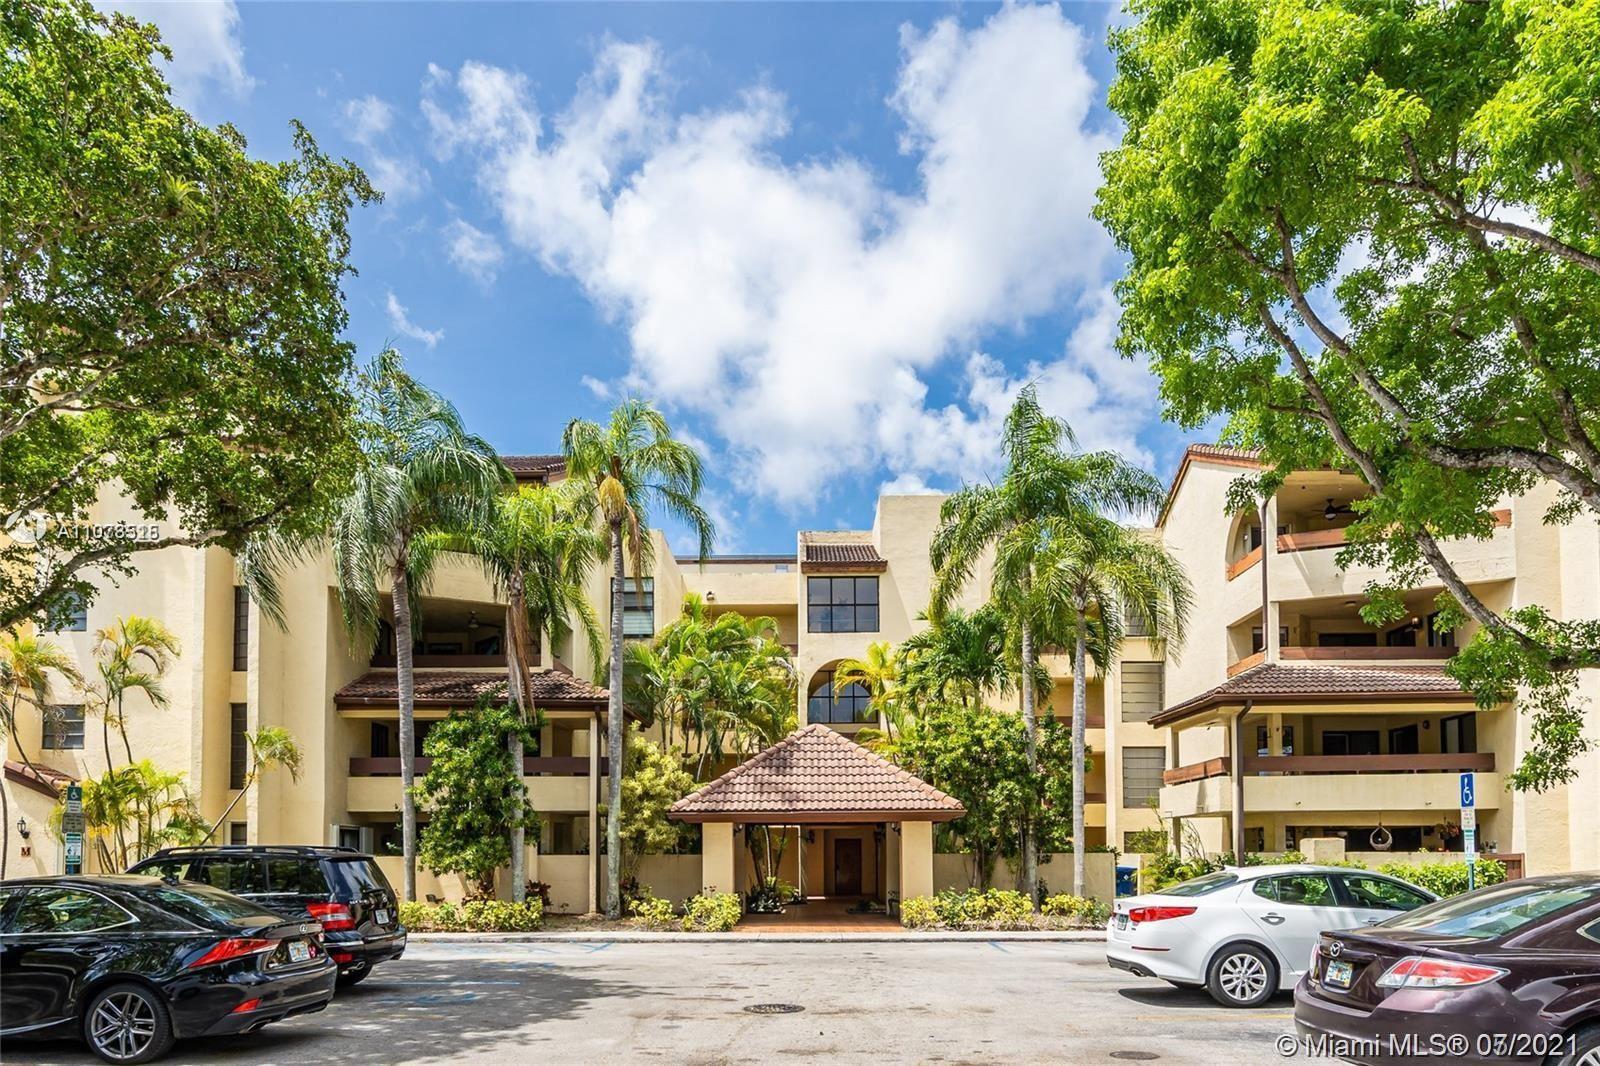 8820 SW 123rd Ct #L304, Miami, FL 33186 - #: A11073515